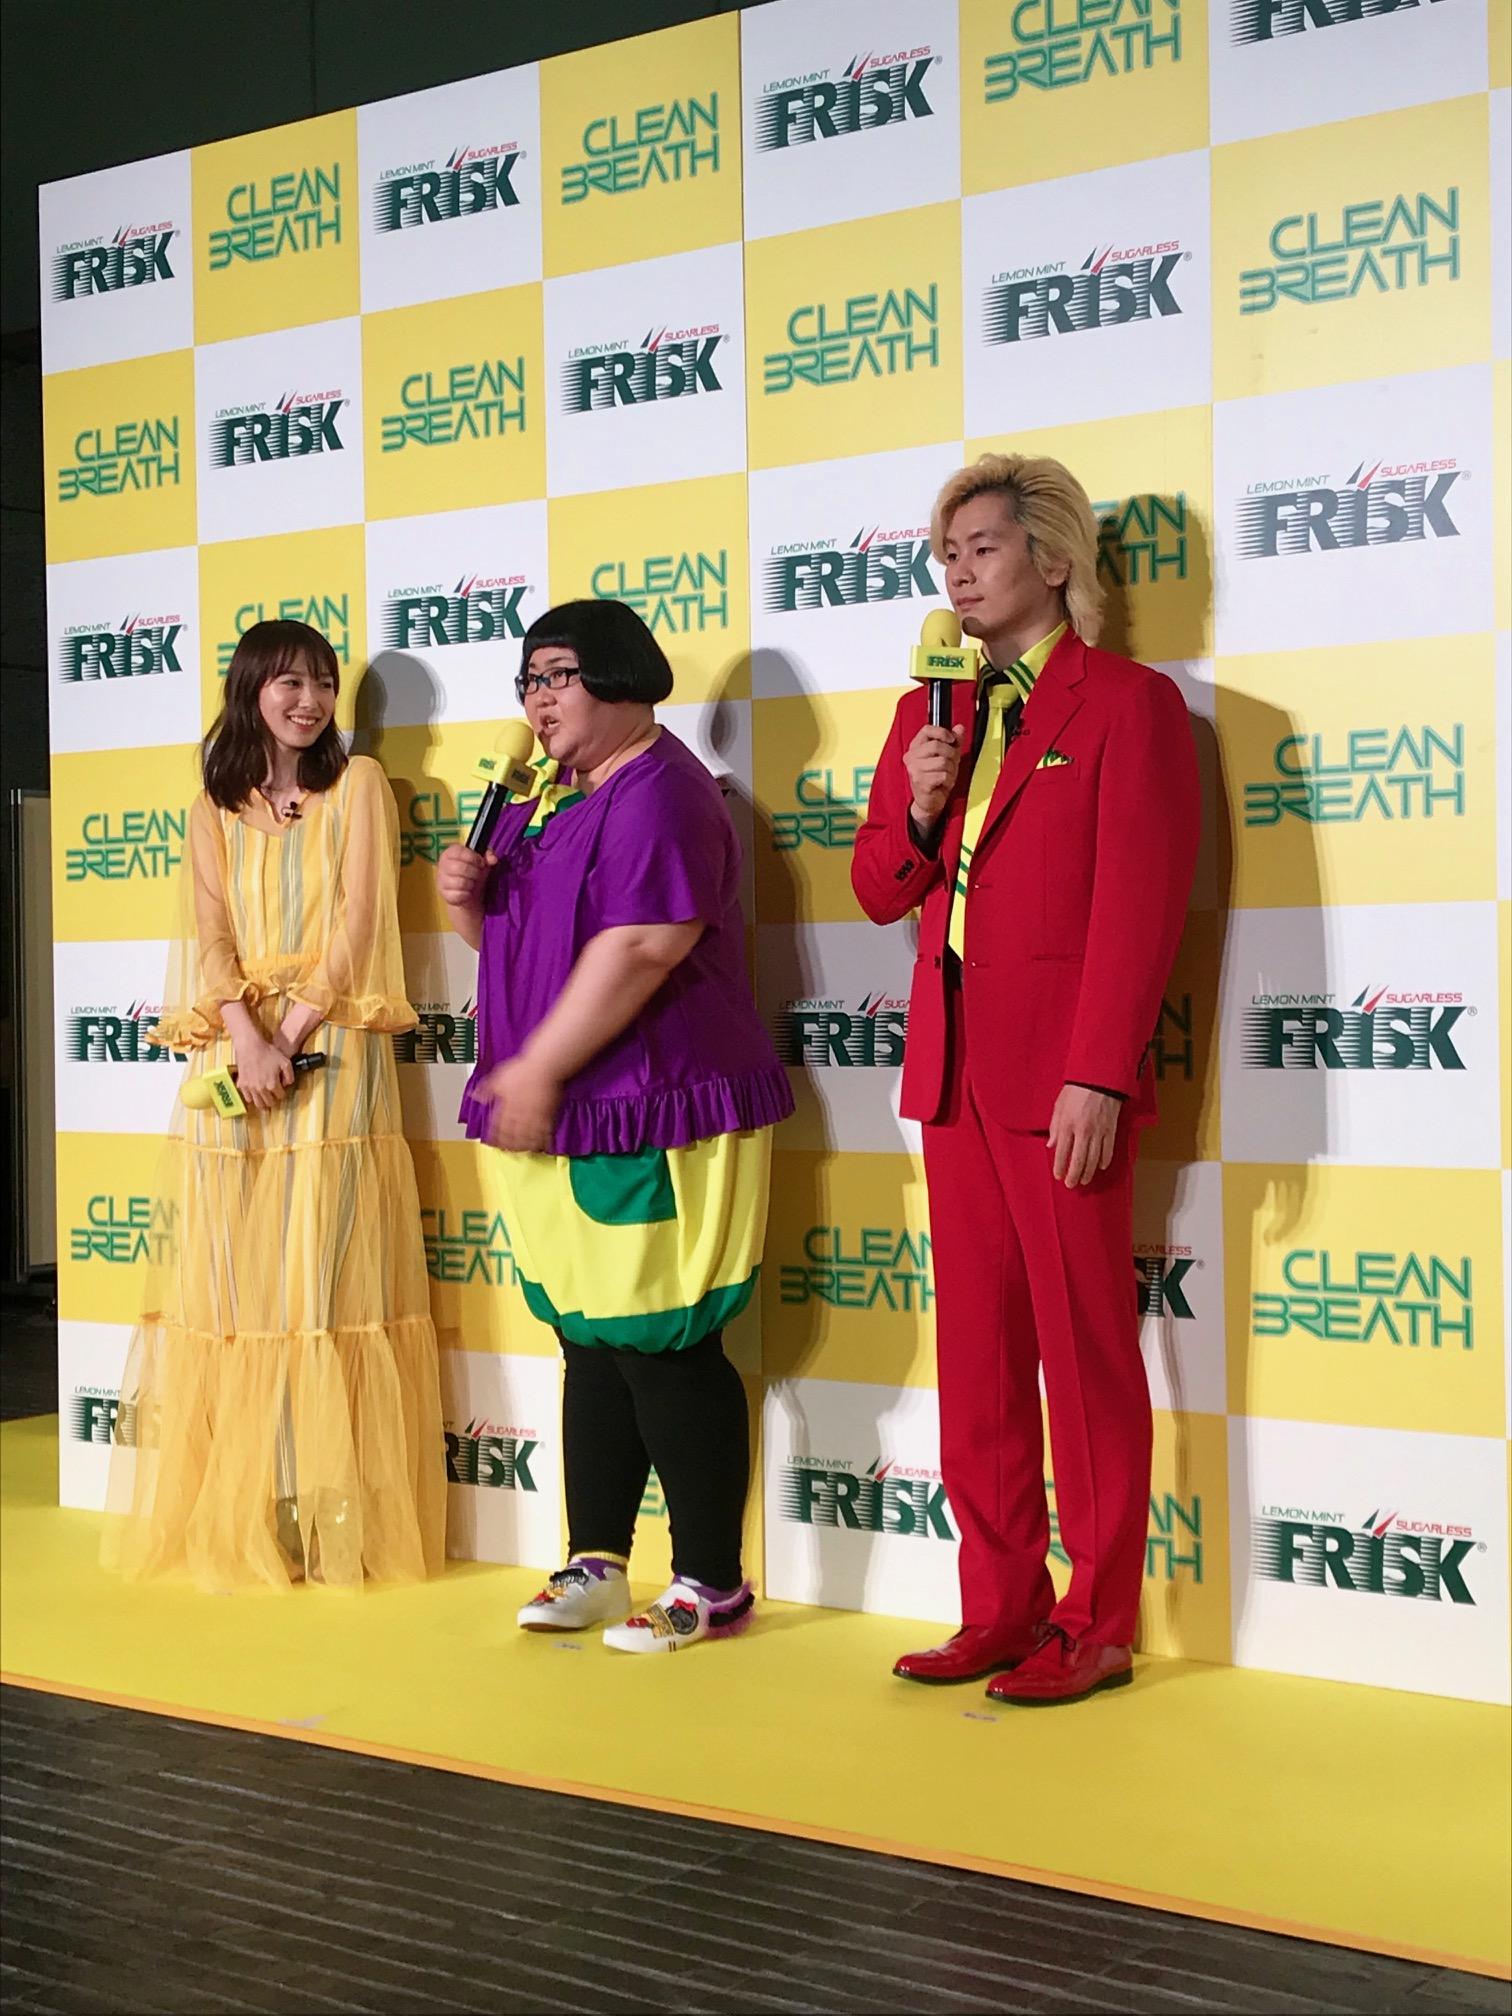 飯豊まりえ、カズレーザーさん、安藤なつさんが「フリスク クリーンブレス」新作発表会に登場!_3